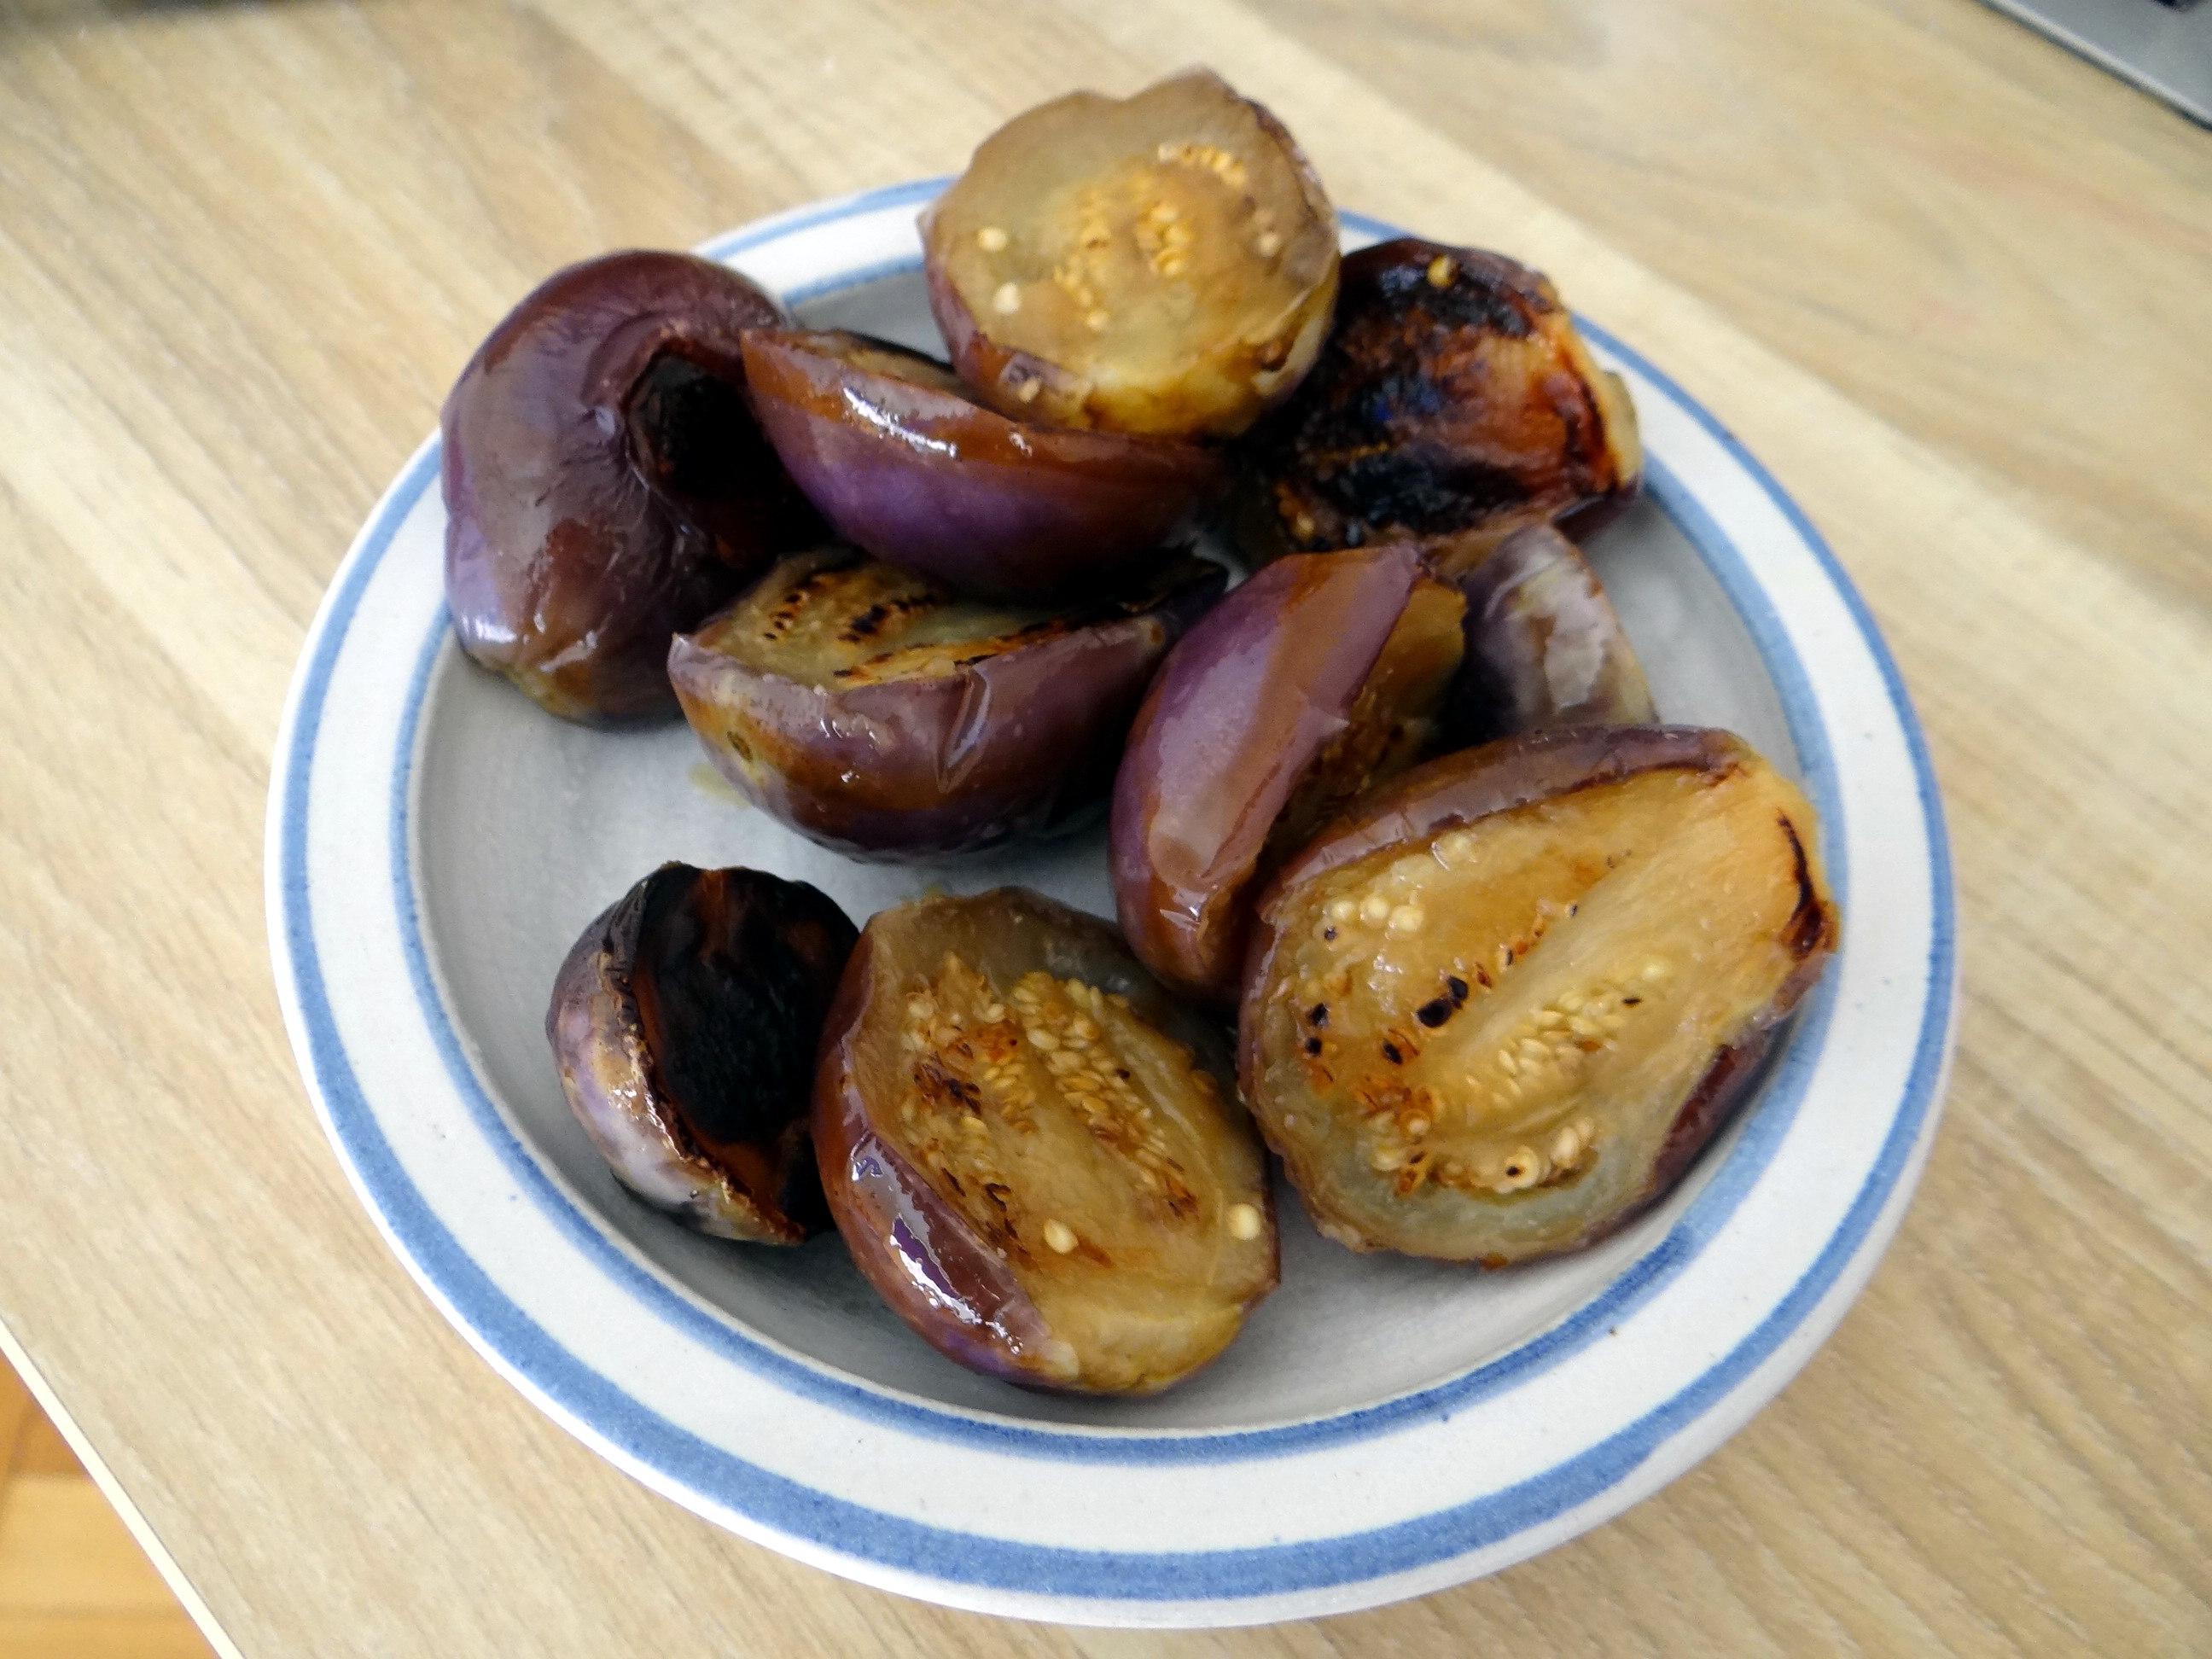 Nudeln mit Venusmuscheln,Wasserspinat und Baby Auberginenn,Pfannküchlein mit Plattpfirsich (7b)